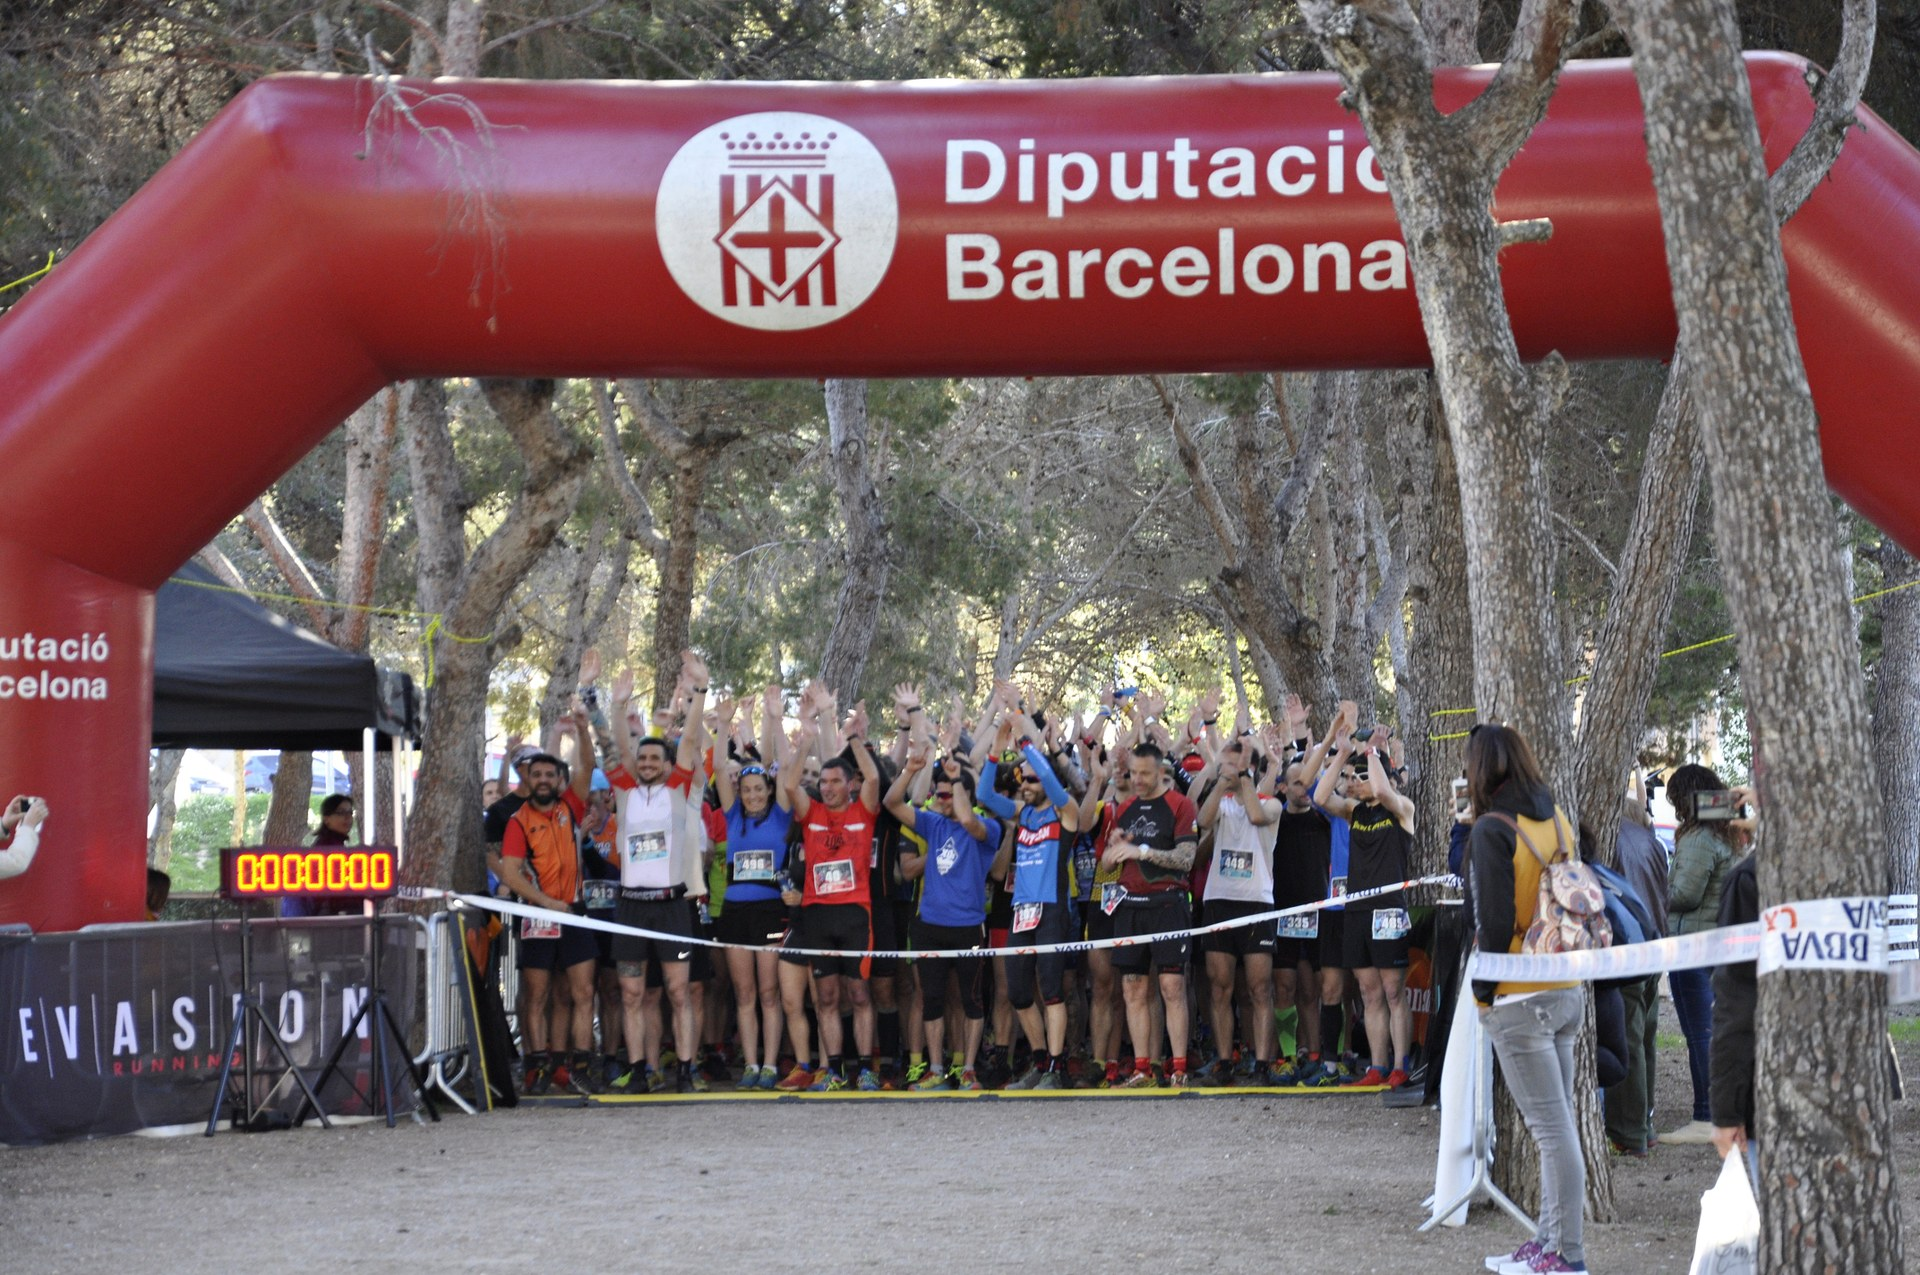 La sortida de les dues curses està prevista a les nou del matí des de l'Espai Jove